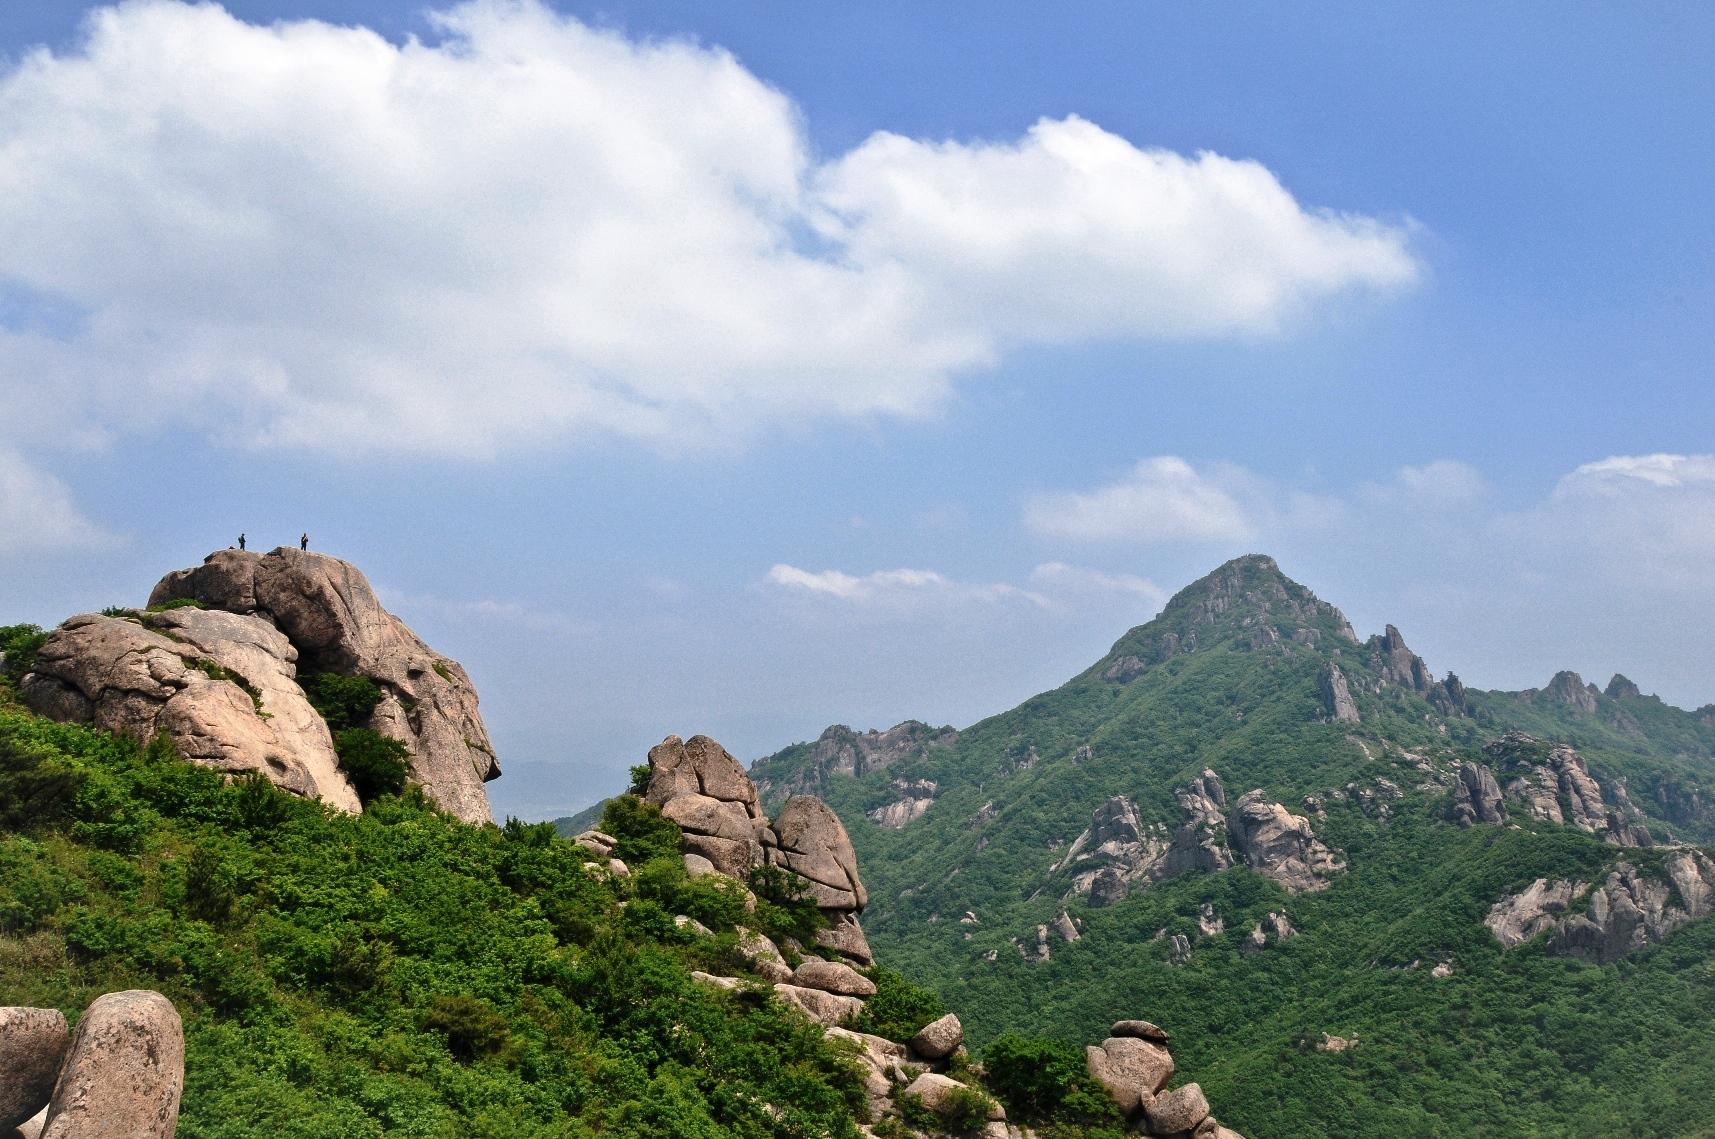 月出山最高峰・天皇峰(チョンワンボン/813m)を遠望(右手のピーク)(2日目)